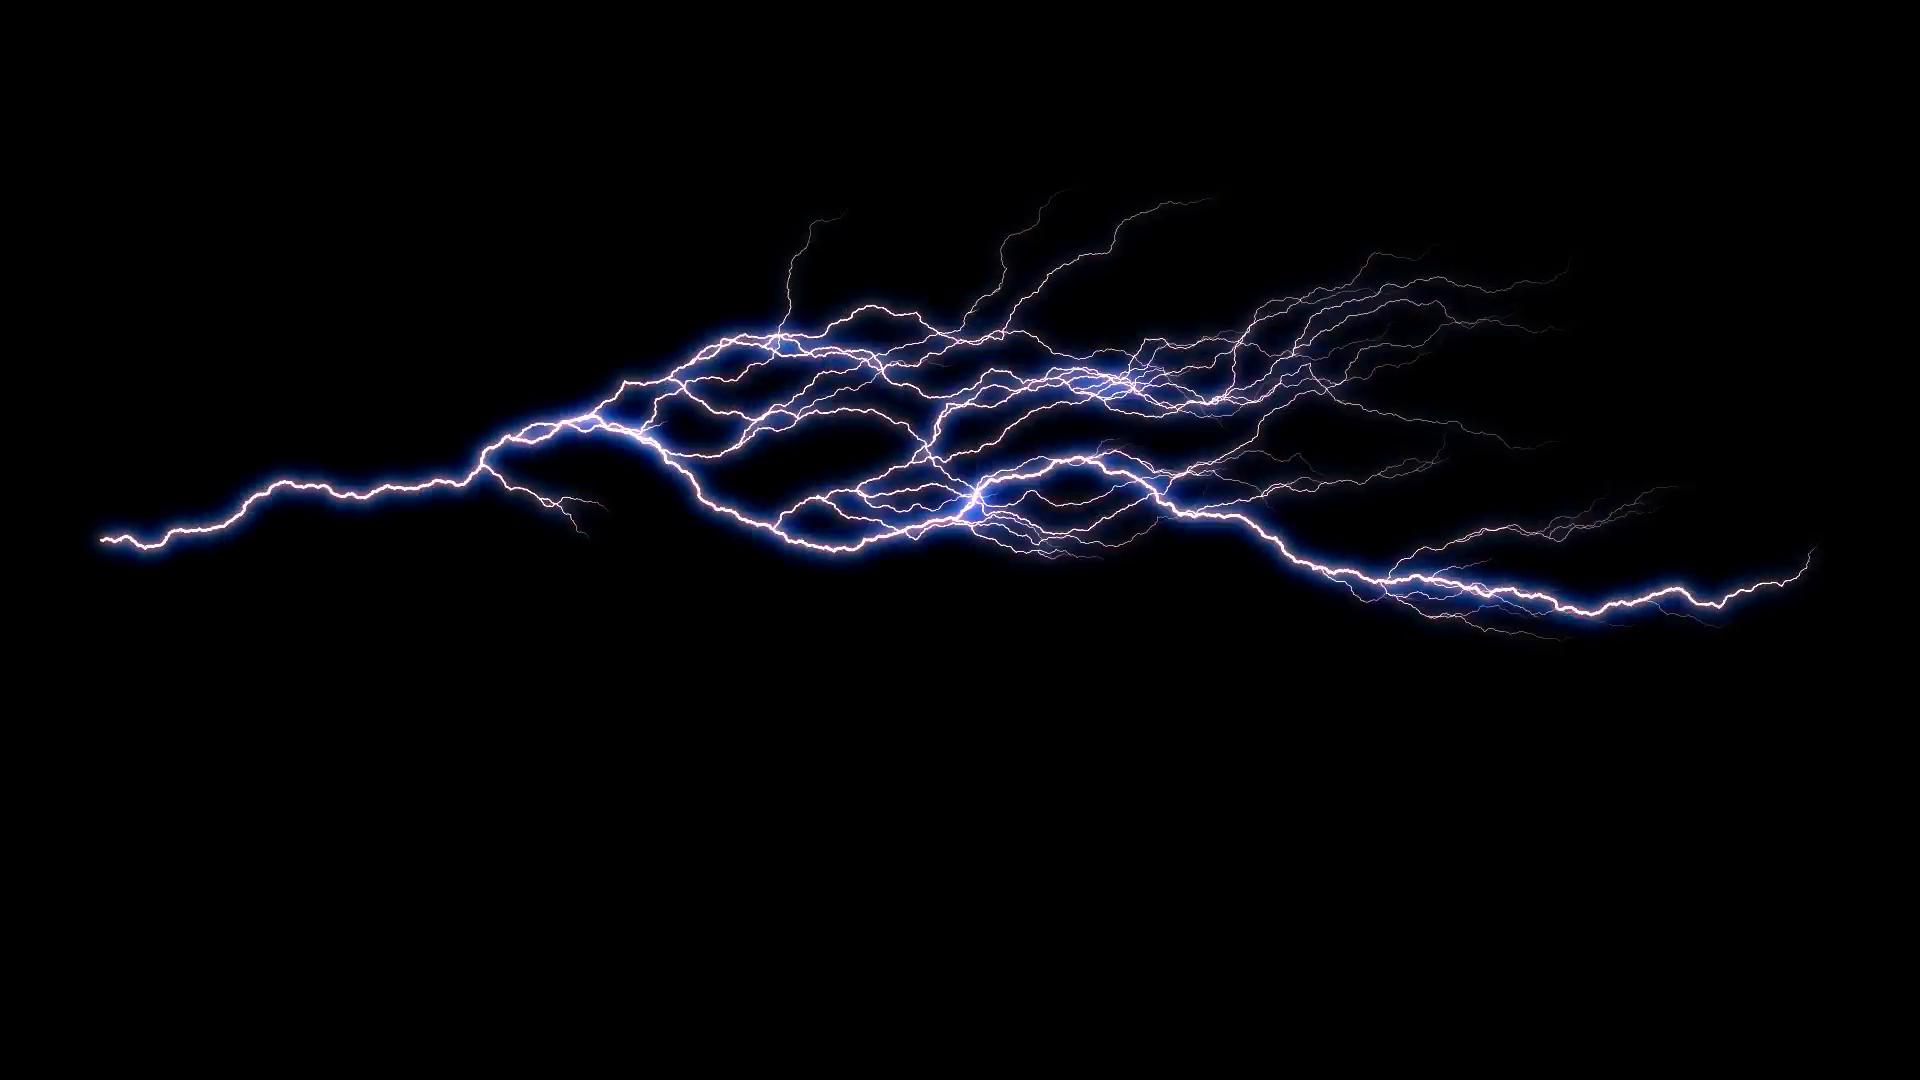 Thunder,Thunderstorm,Lightning,Sky,Atmosphere,Electric blue,Lighting.